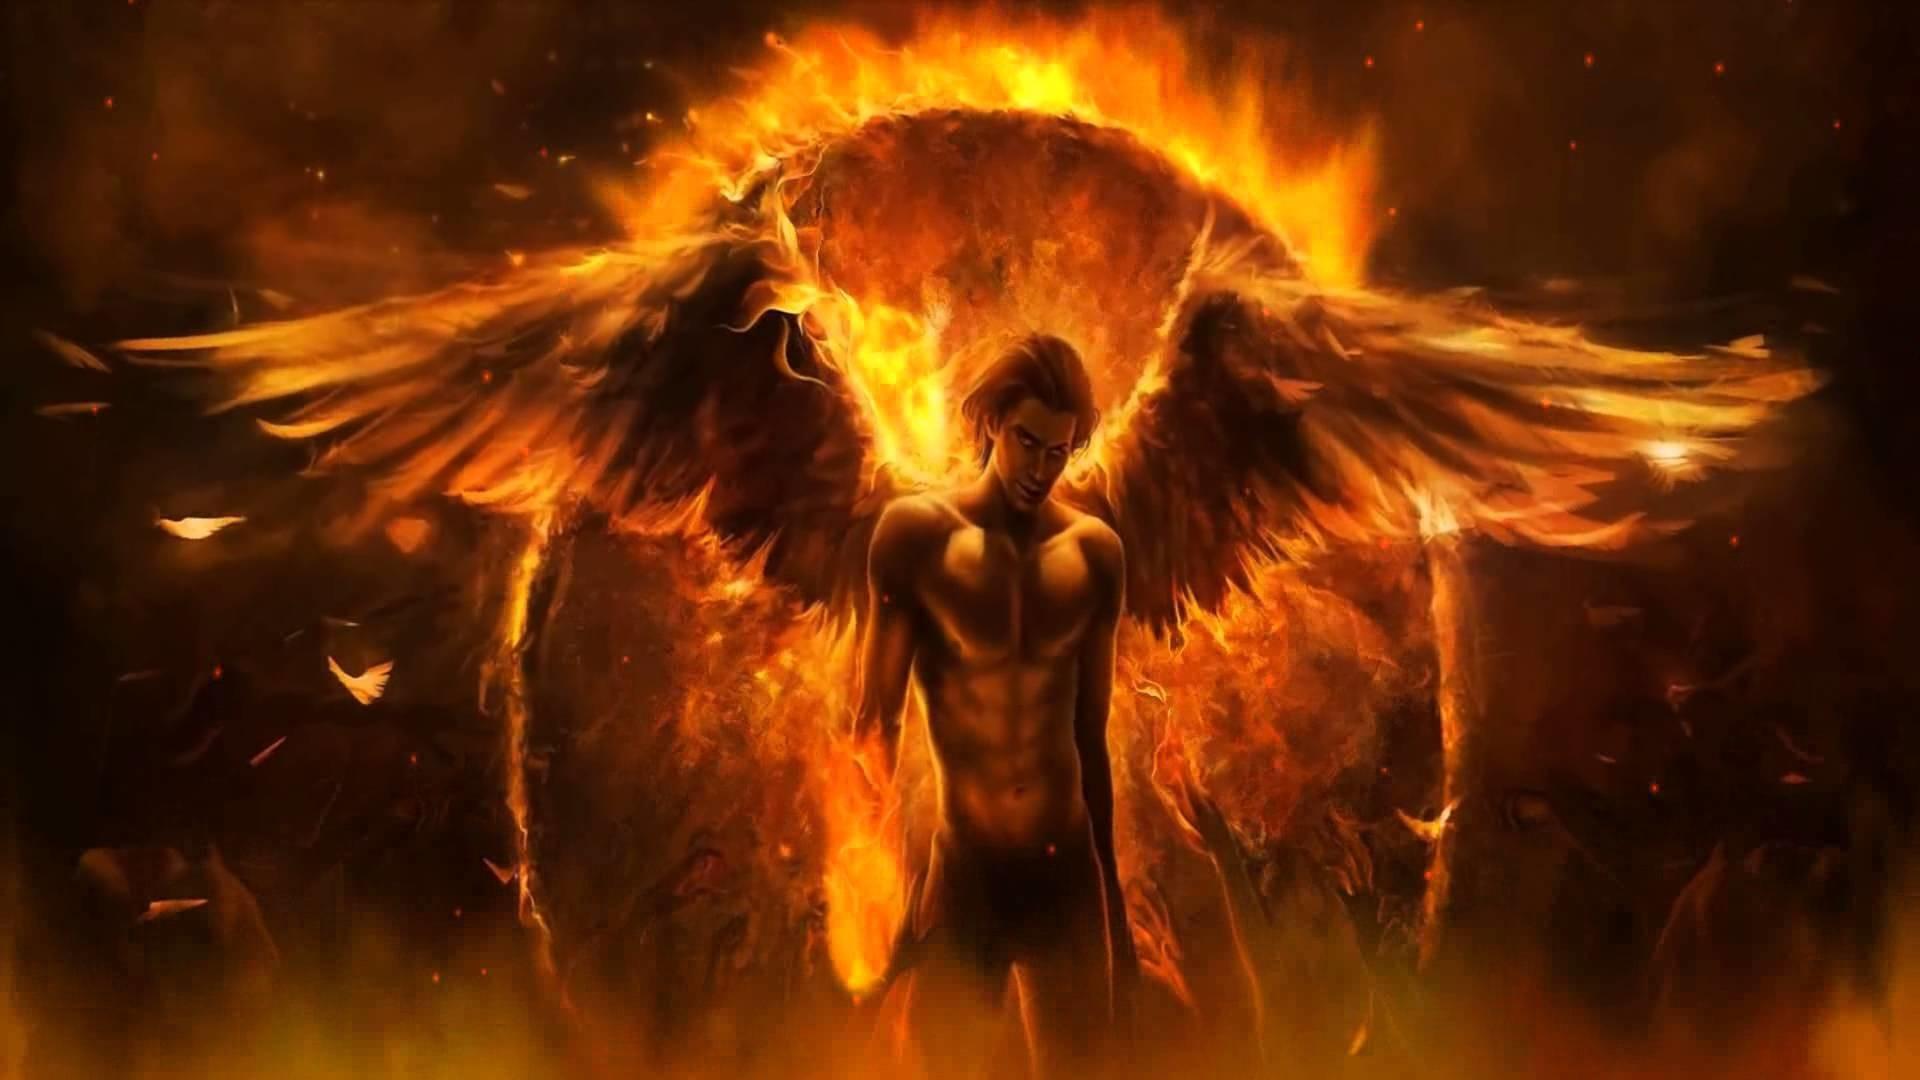 Fallen Angels Animated Wallpaper https://www.desktopanimated.com/ – YouTube